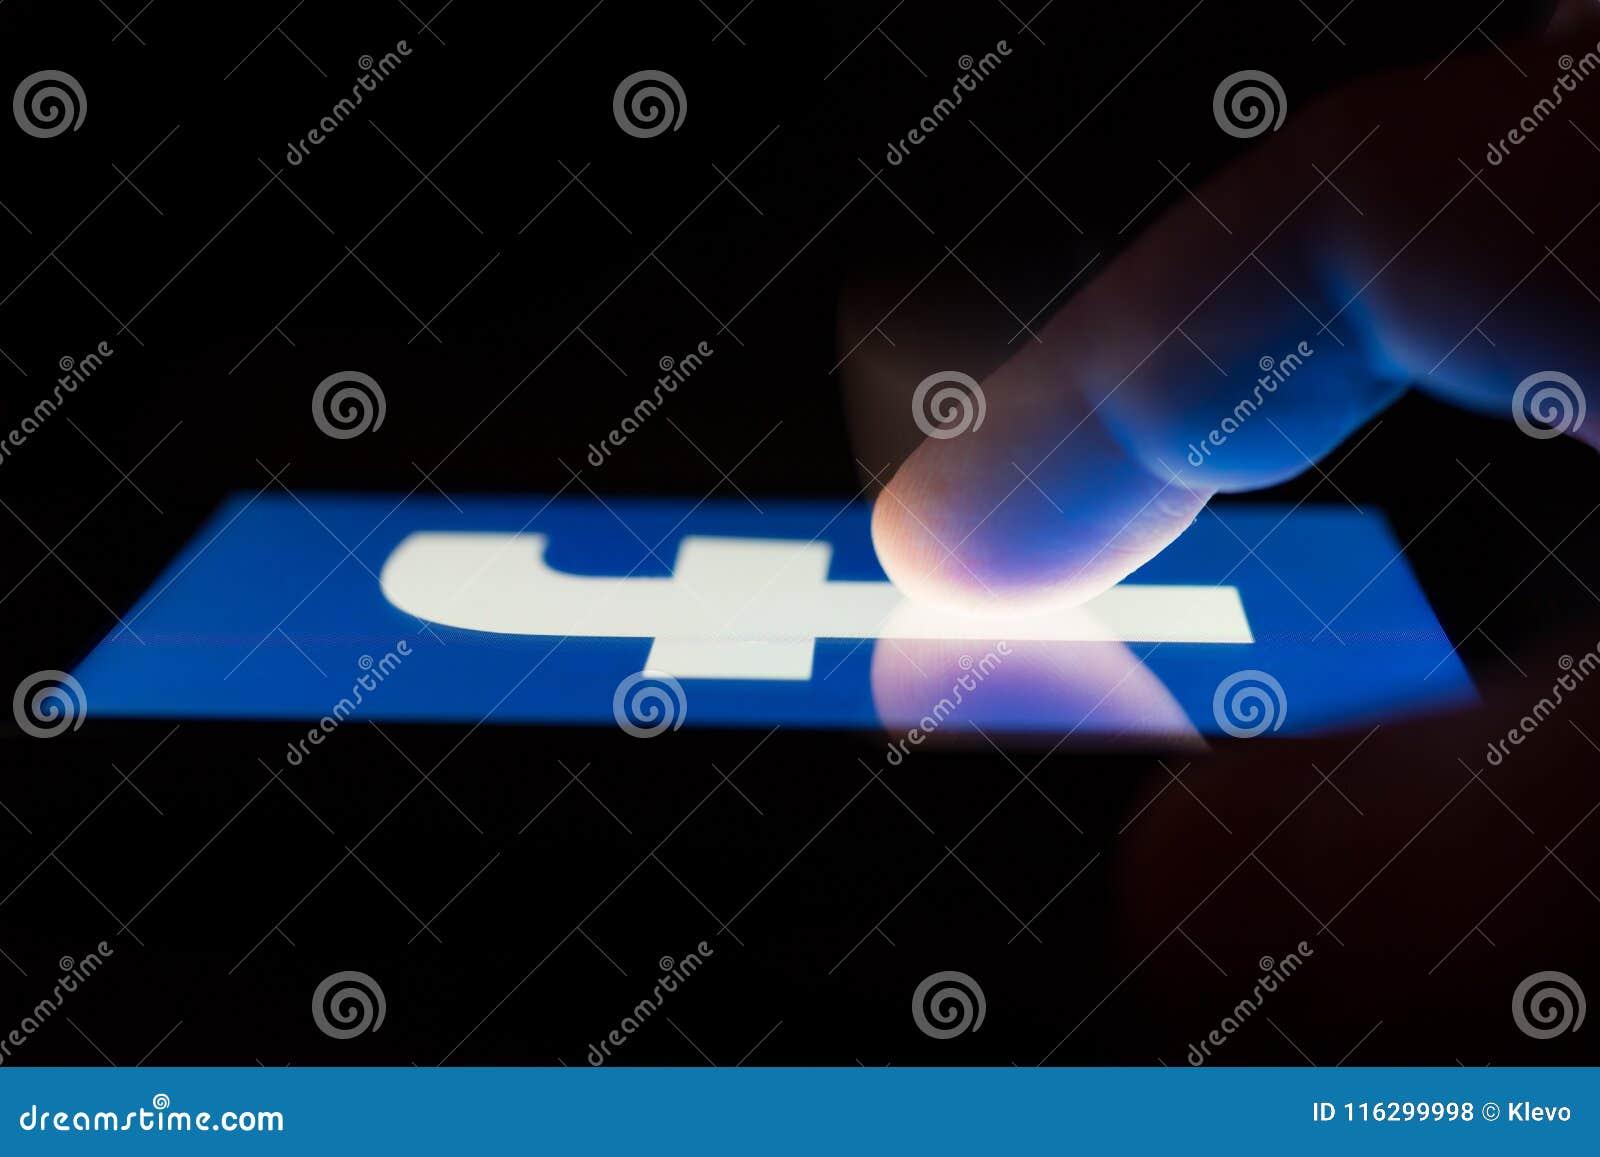 MOSCA, RUSSIA - 9 maggio 2018: Uno smartphone che si trova su una tavola nello scuro, visualizzando il logo di Facebook